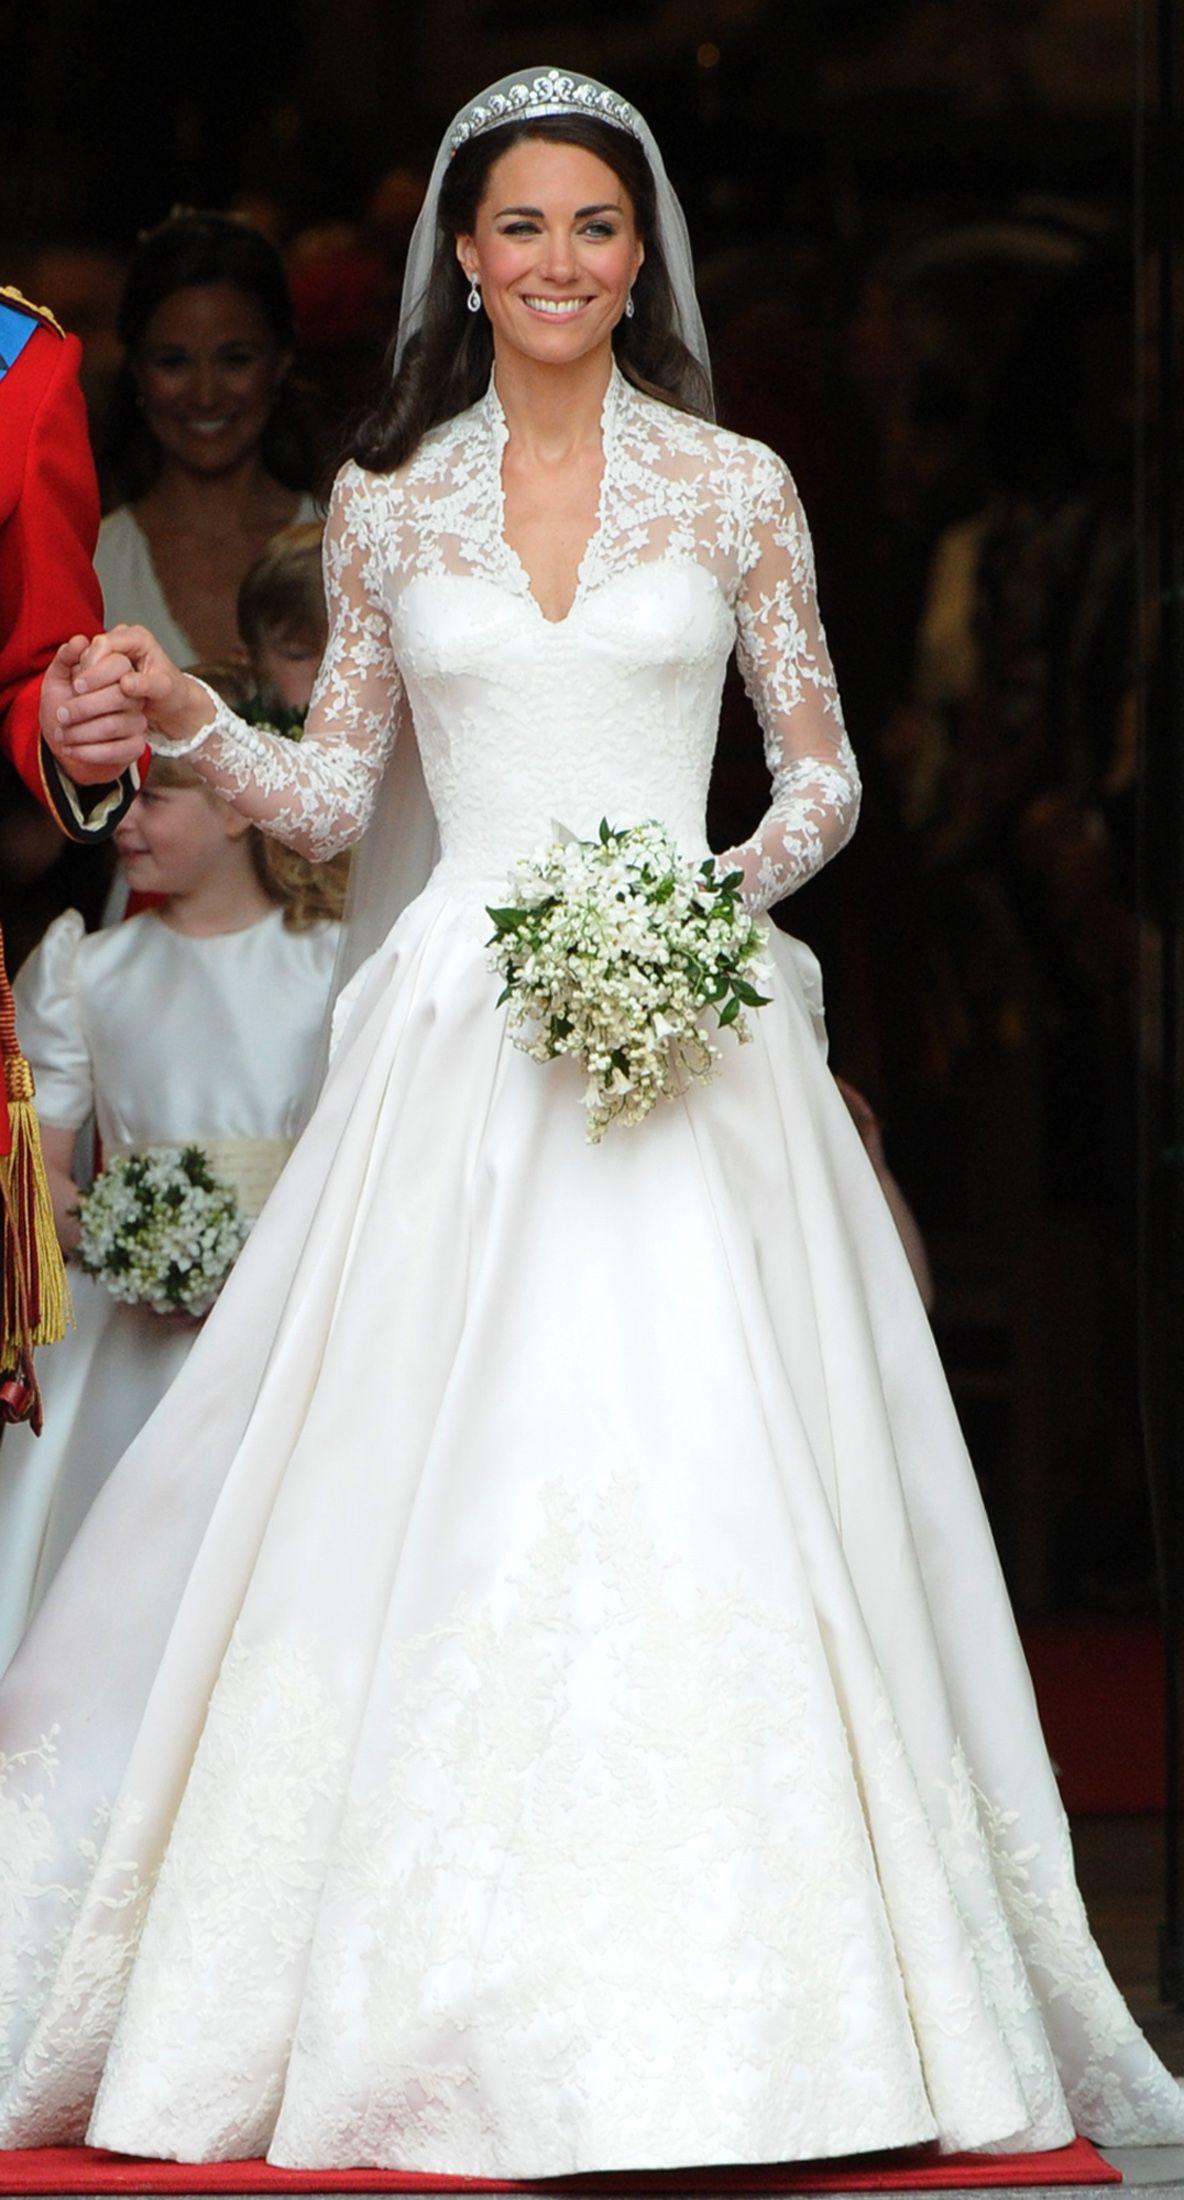 DAS sind die 5 teuersten Brautkleider der Welt!